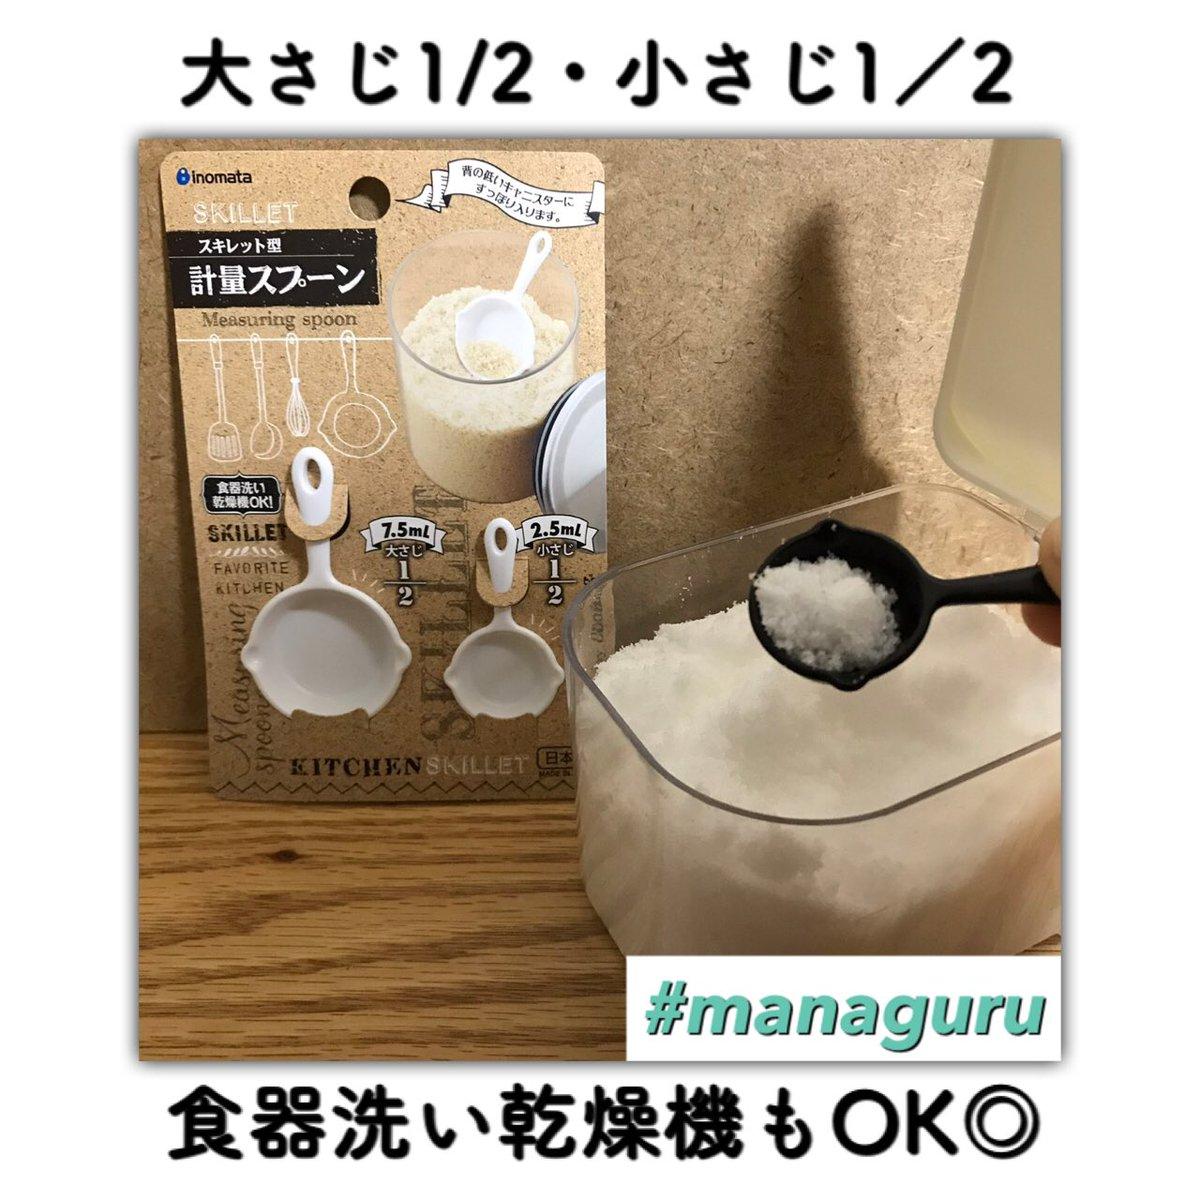 test ツイッターメディア - ▽スキレット型計量スプーン 大さじ1/2(7.5ml) 小さじ1/2(2.5ml) 一目惚れキッチングッズ 意外とありそうでなかった 大さじ1/2は、珍しさmax 見た目が可愛くて、 お料理気分もアガる◎ #managuru #lifeinJapan #DAISO  #Seria #CanDo #100均 https://t.co/qqAcKBRFJu